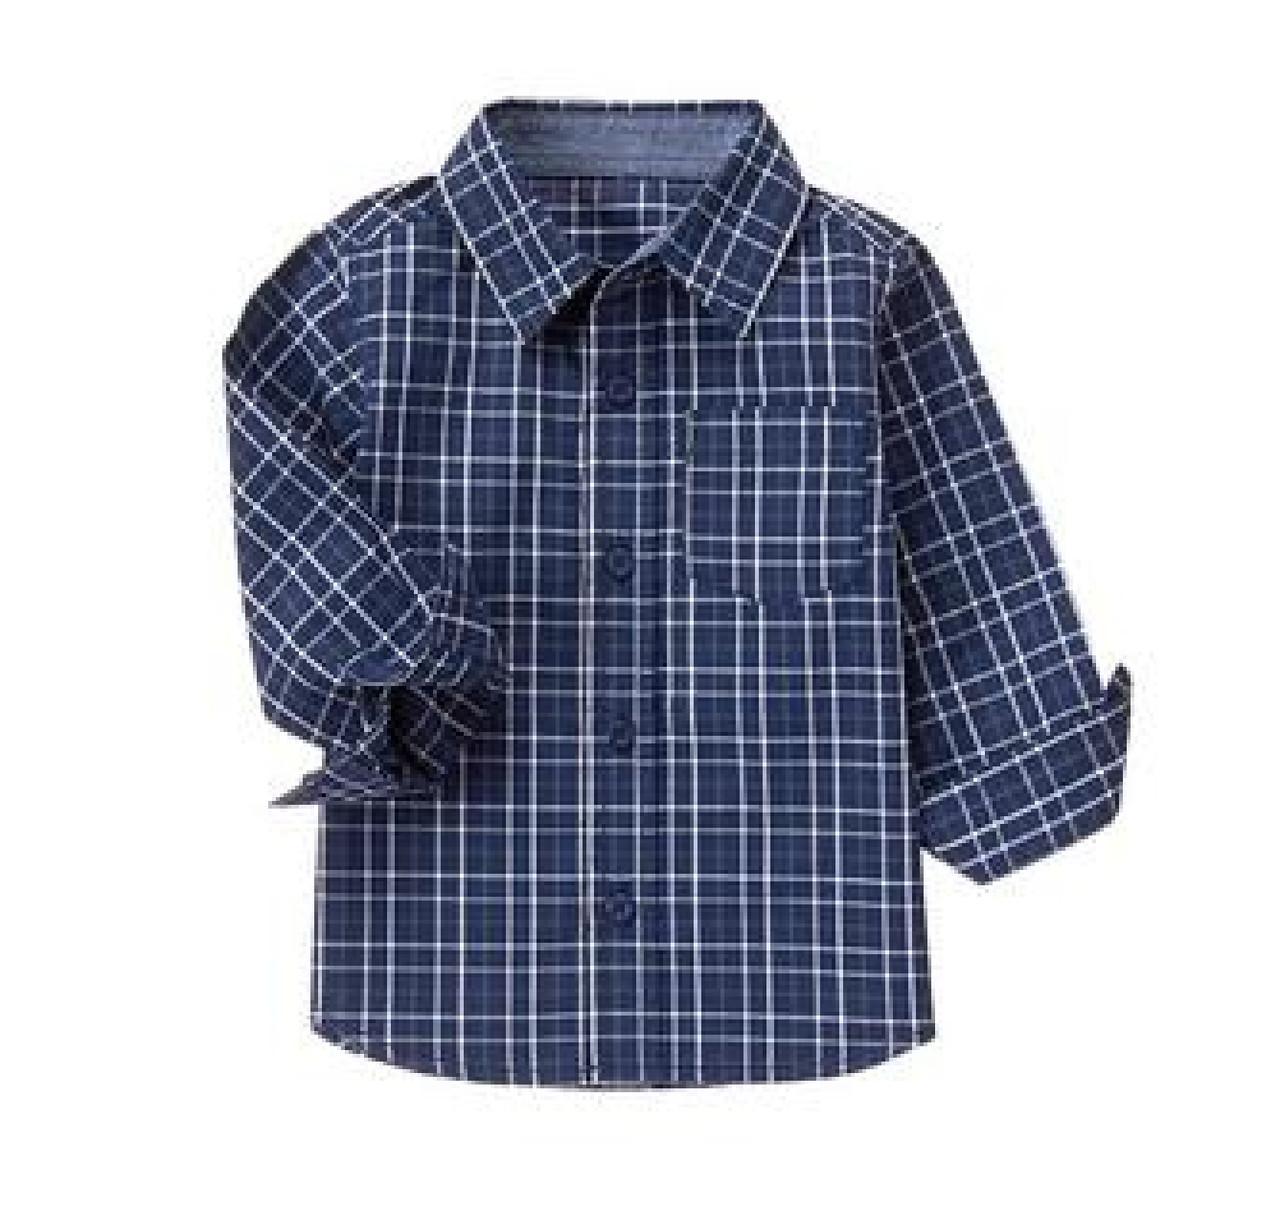 6b9c4938a9b Рубашка синяя в клетку с длинным рукавом на мальчика 2